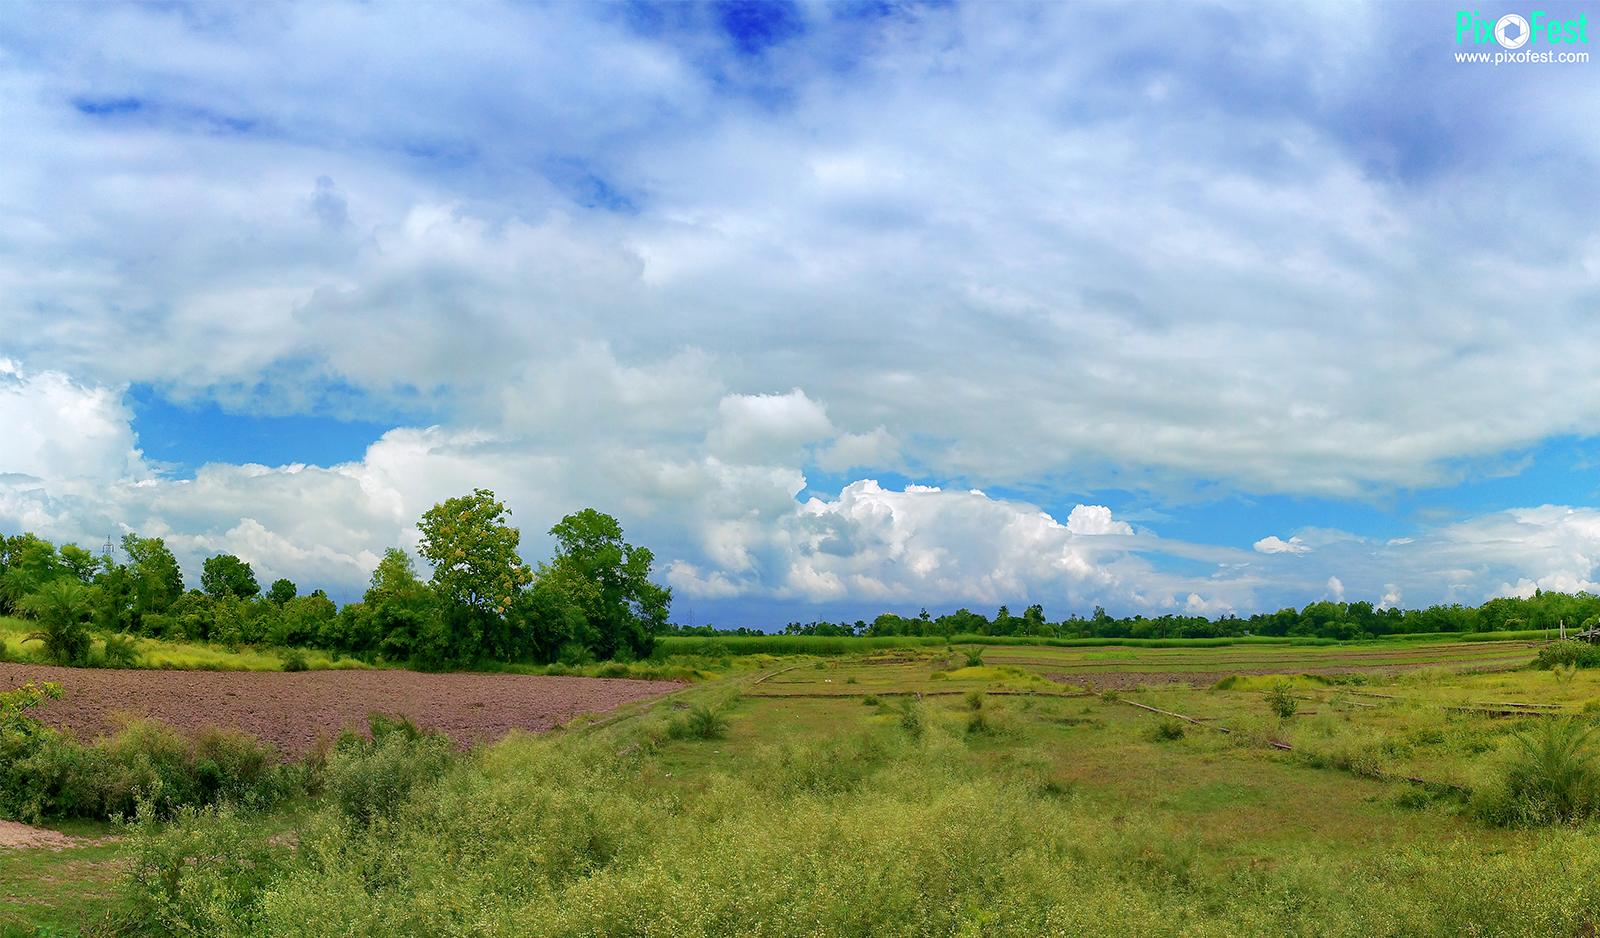 landscape,landscaping,landscapers,landscaper,nature,natutephotography,landscapephotography,mobilelandscape,mobilecapture,mobileshoot,mobileclick,cloud,sky,bluesky,cloudysky,pixofest